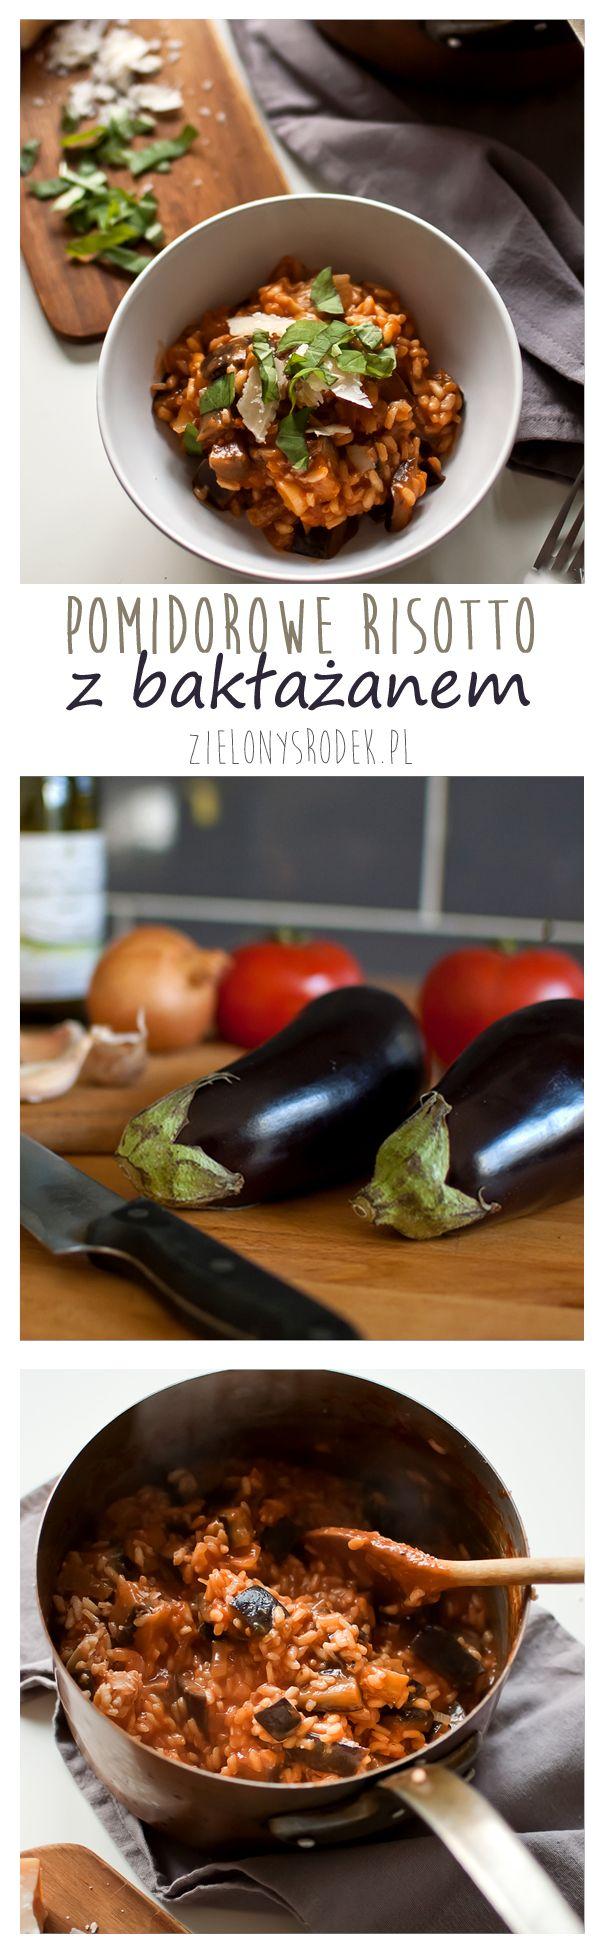 pomidorowe risotto z bakłażanem. pyszne i szybkie dani <3